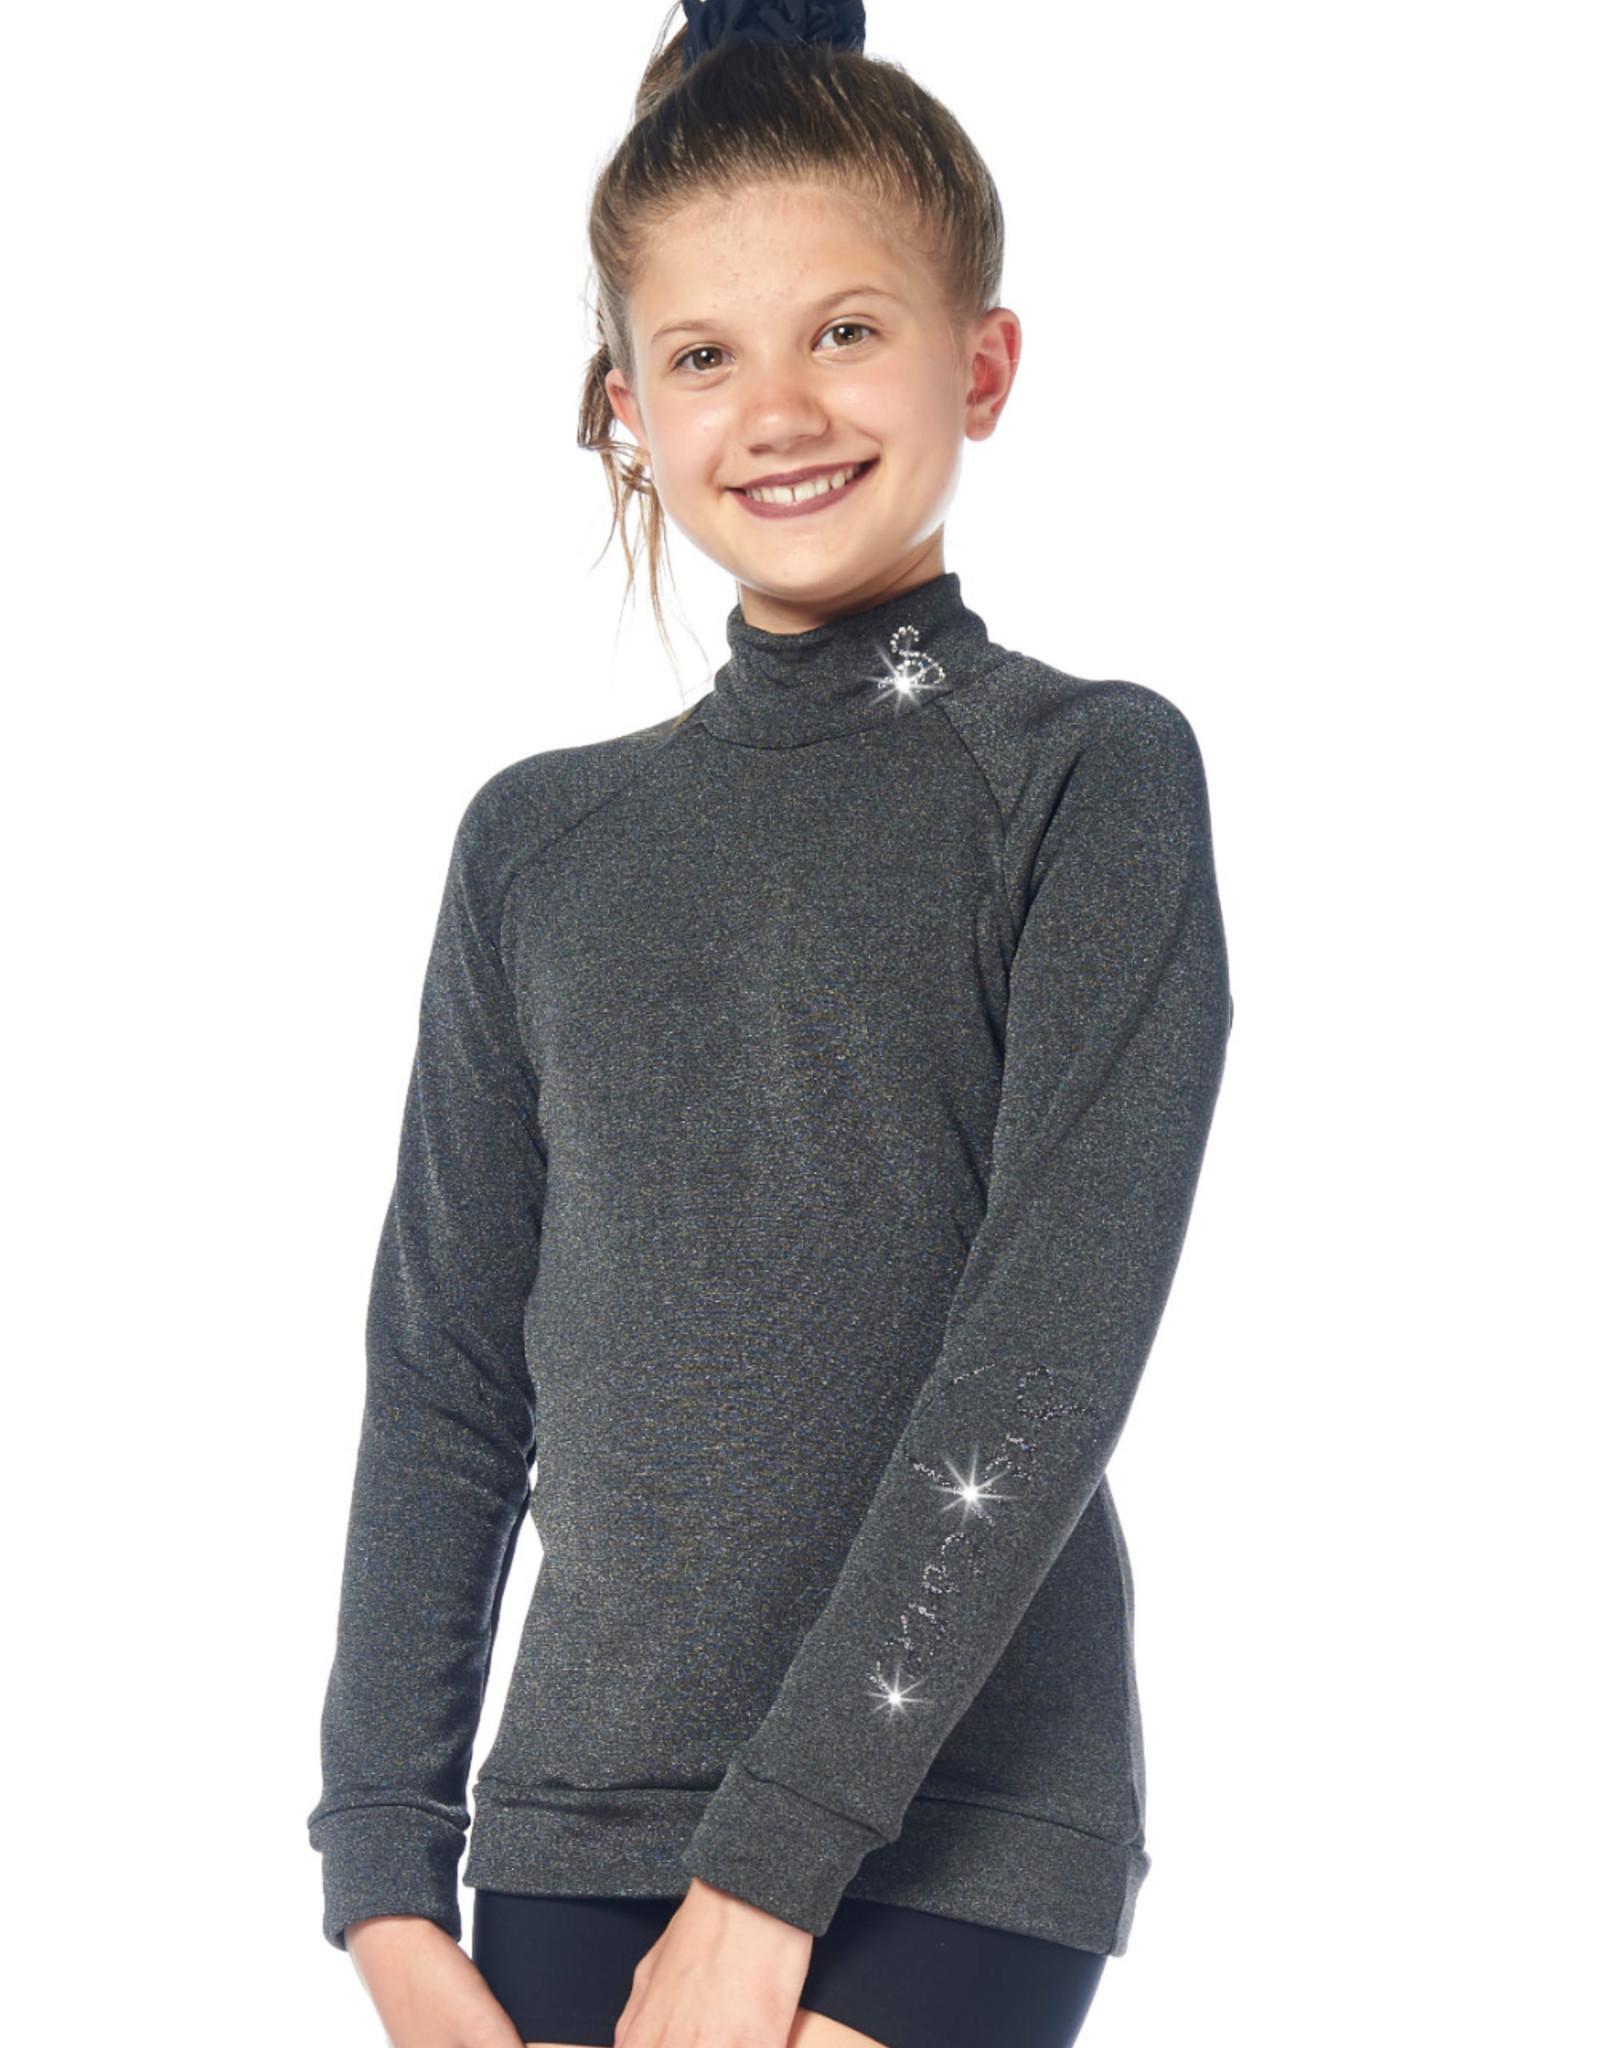 Sagester T-Shirt Long Sleeve Technostretch 062